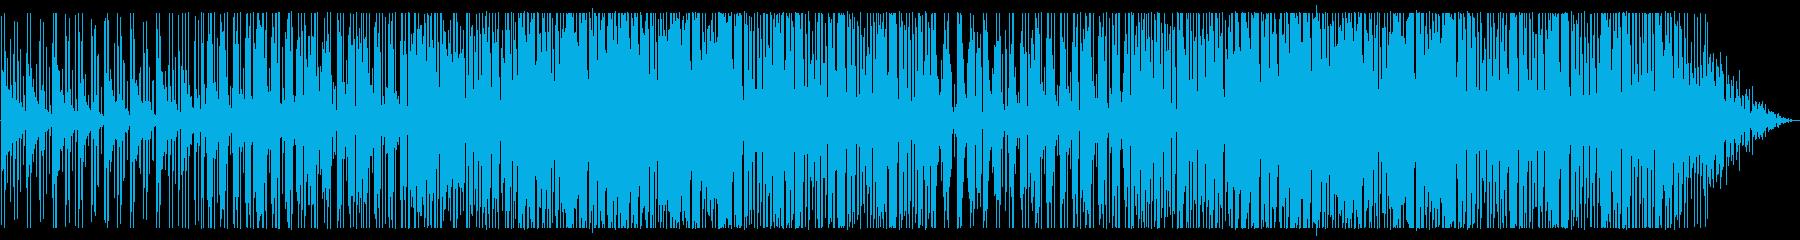 都会/優しさ/R&B_No436の再生済みの波形